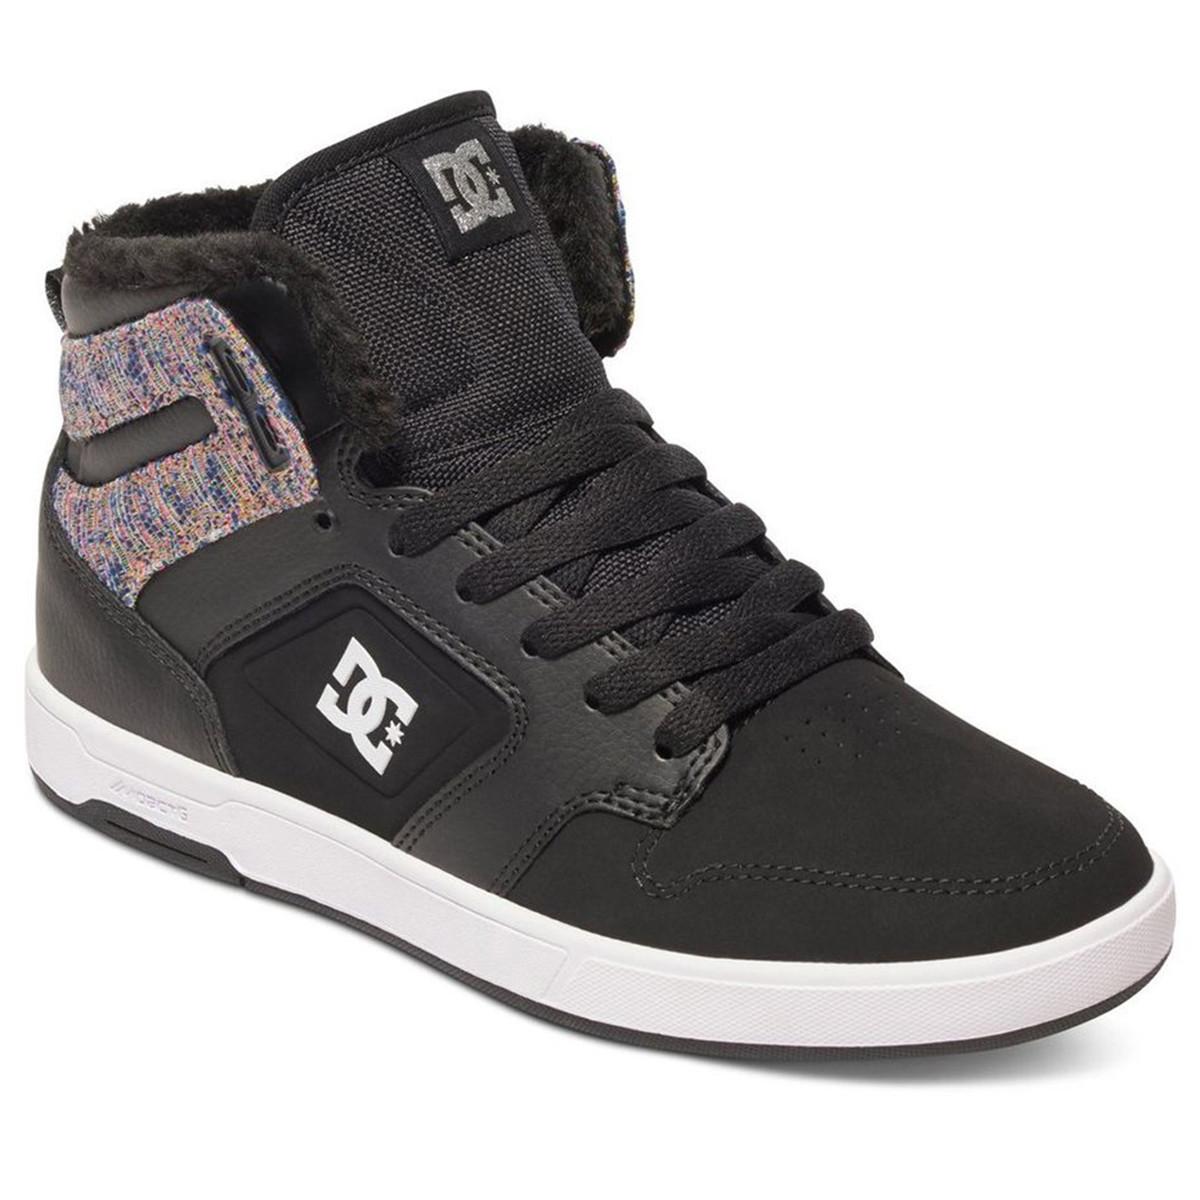 8999cb1b4827e4 Chaussures de skate pas cher & Vêtements et chaussures skate ...